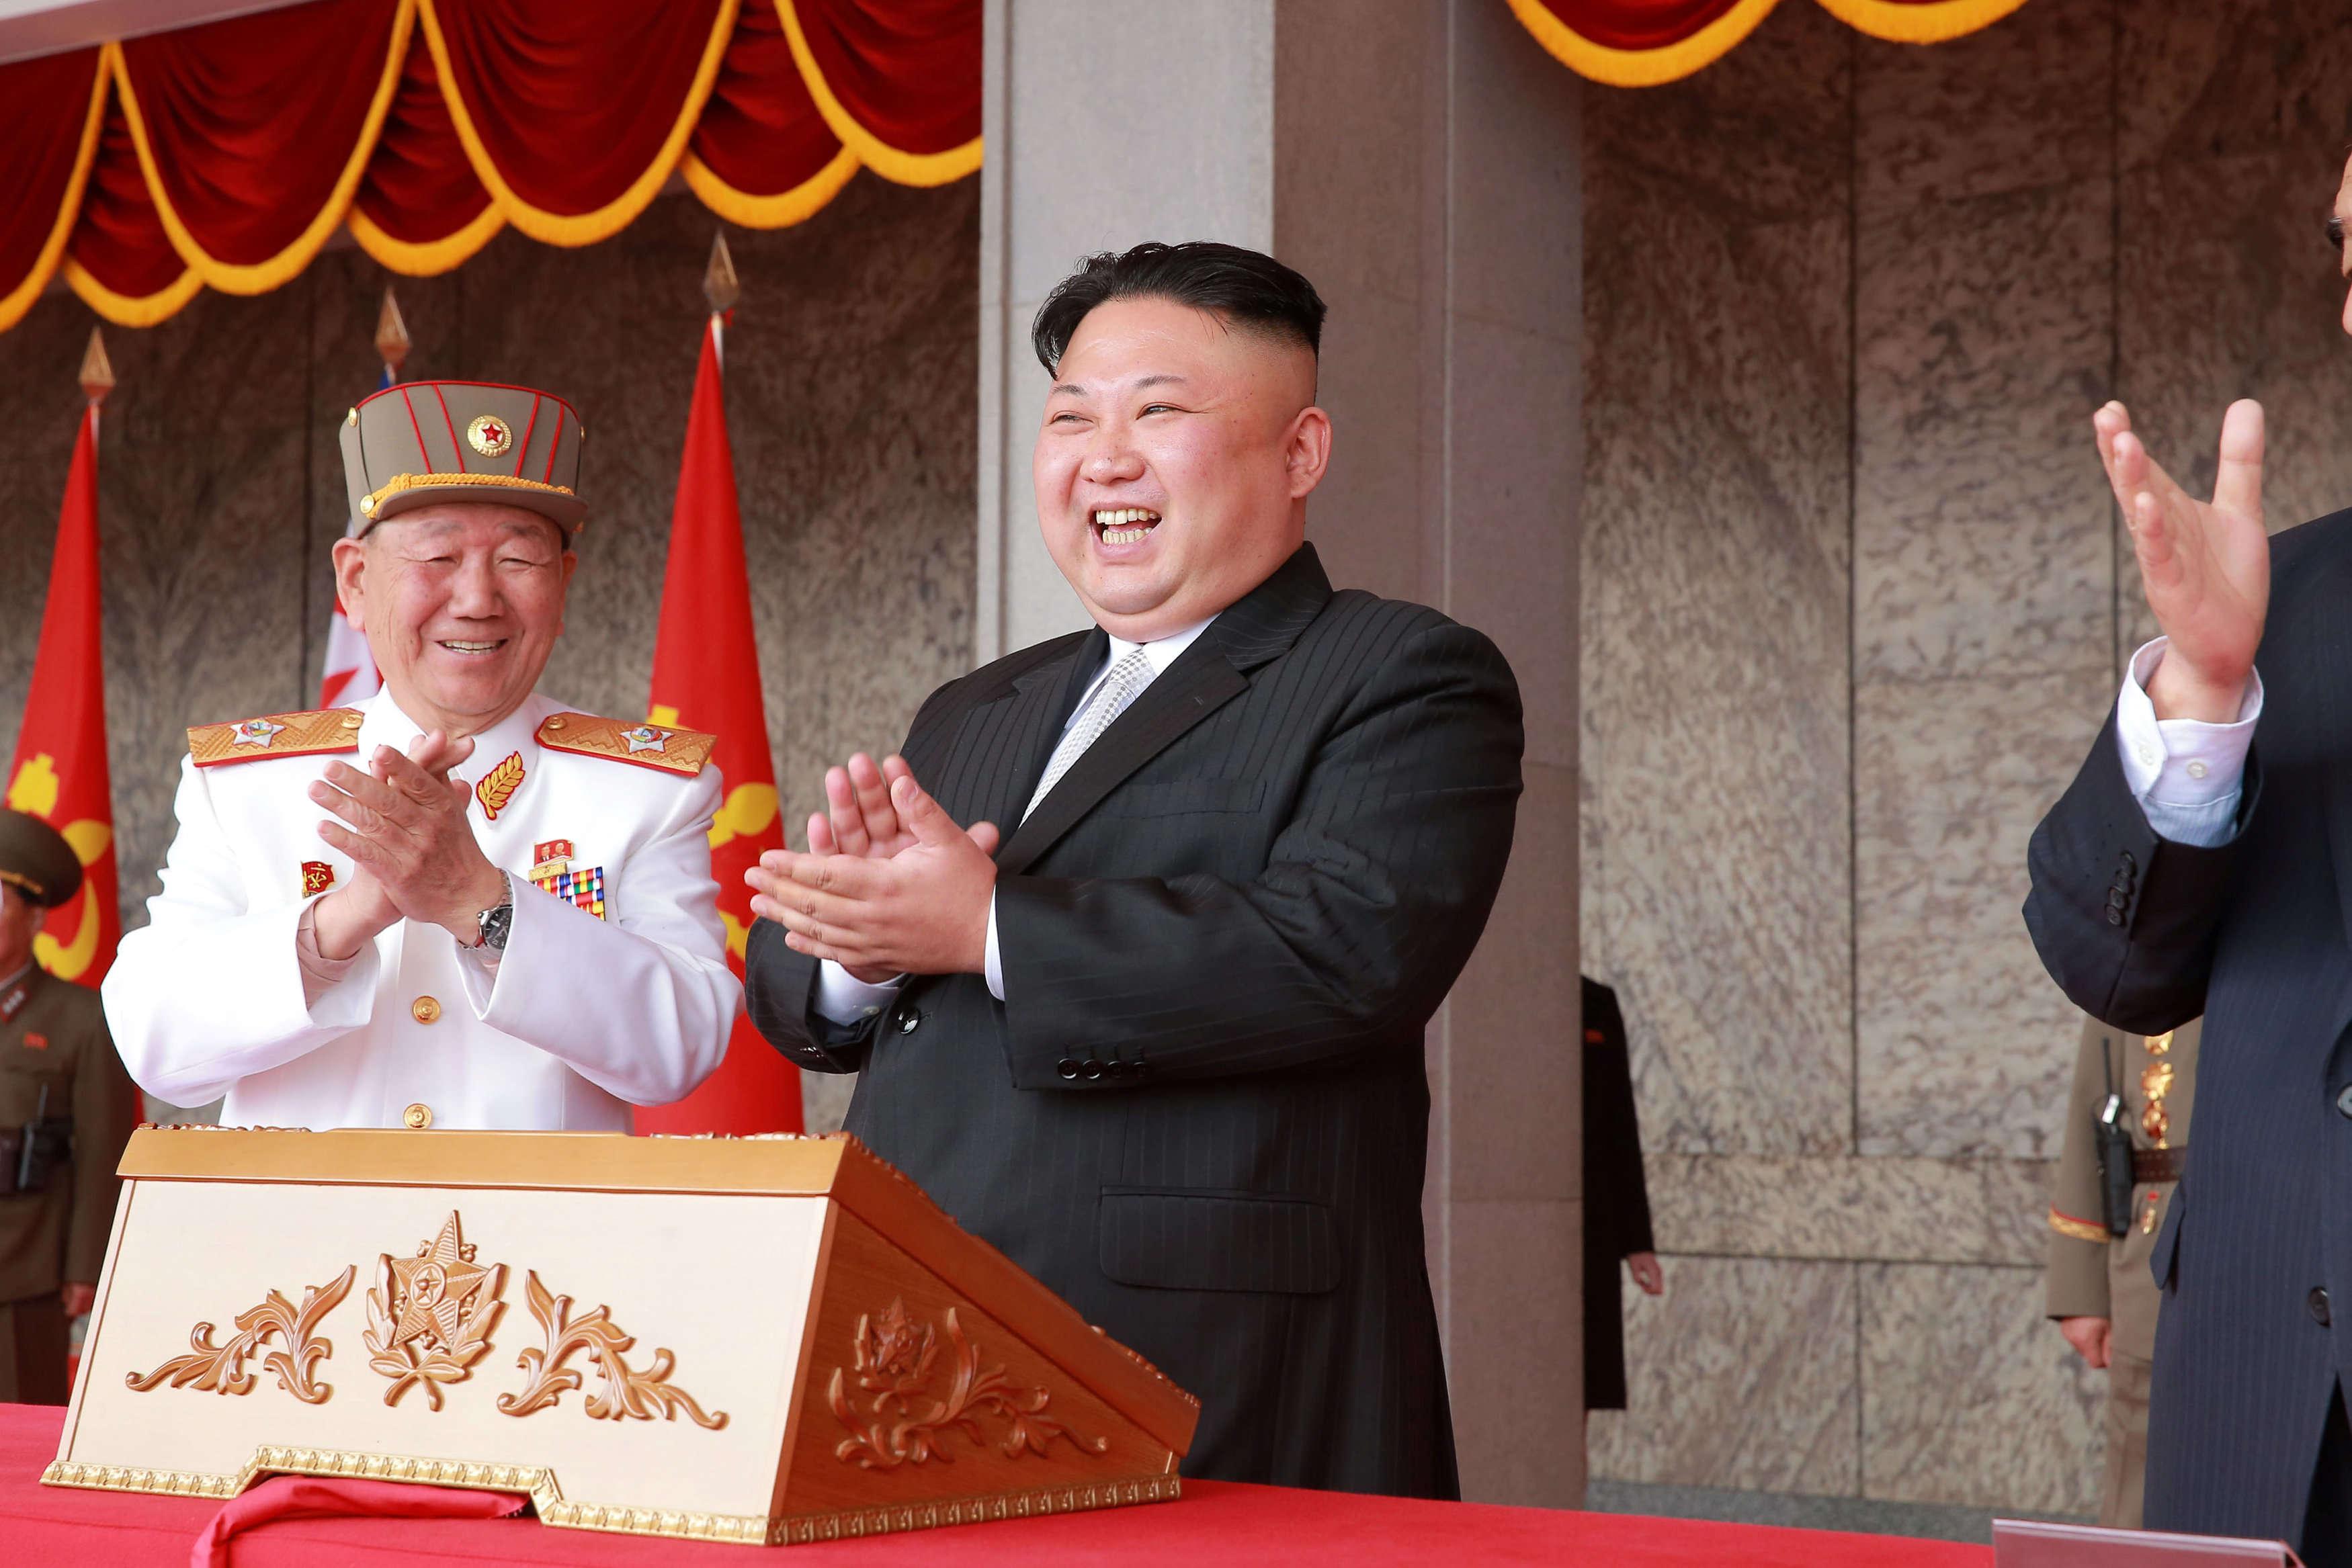 Le régime a célébré lejour du Soleil, le nom officiellement donné au jour de la naissance de Kim Il-sung (15 avril 1912–8 juillet 1994), grand-père de Kim Jong-un.